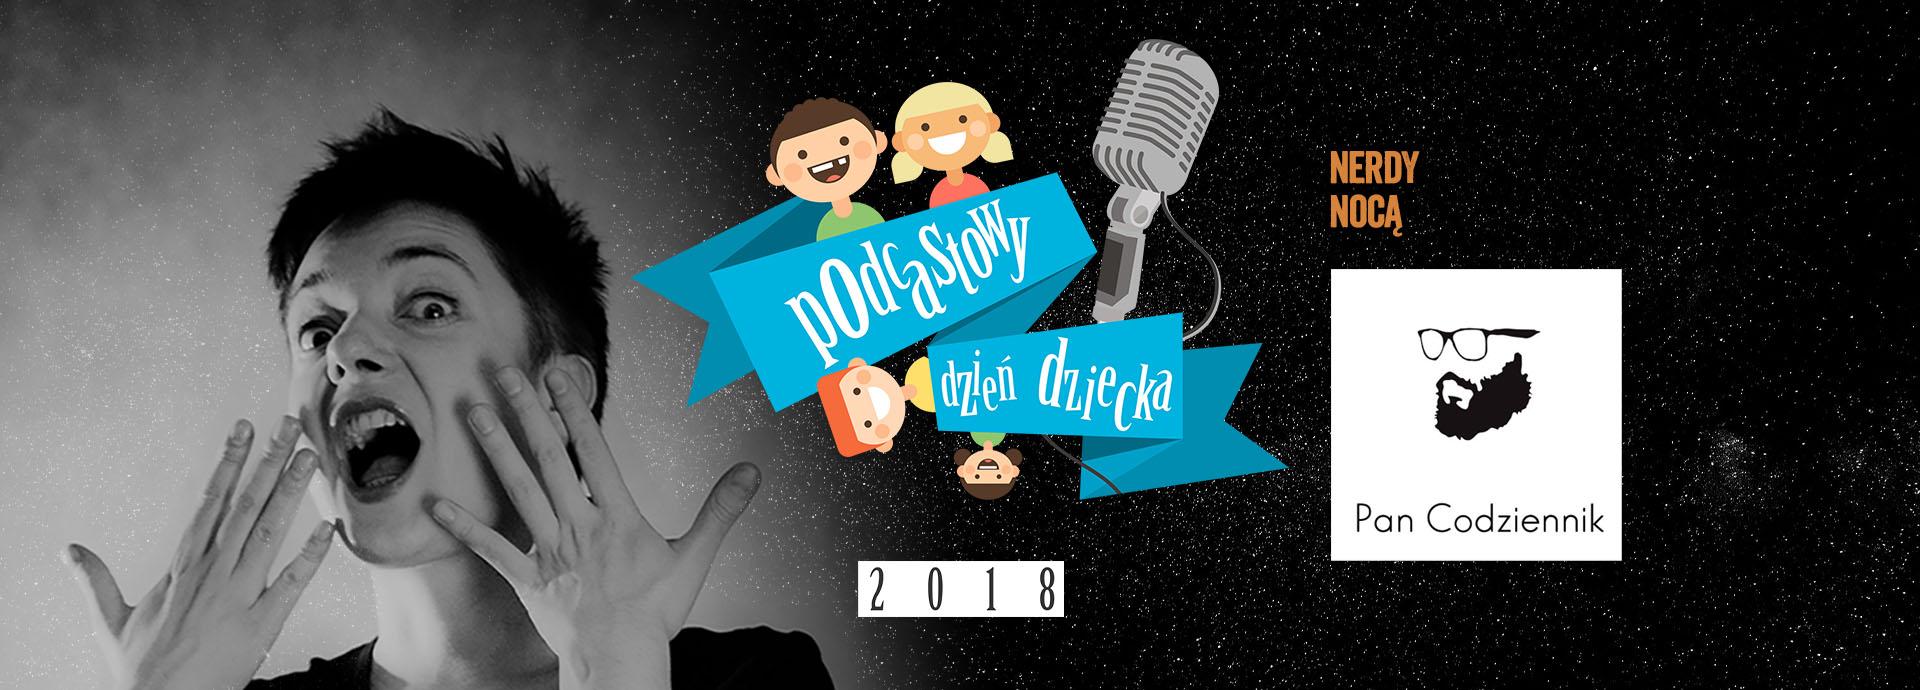 ## Podcastowy Dzień Dziecka 2018